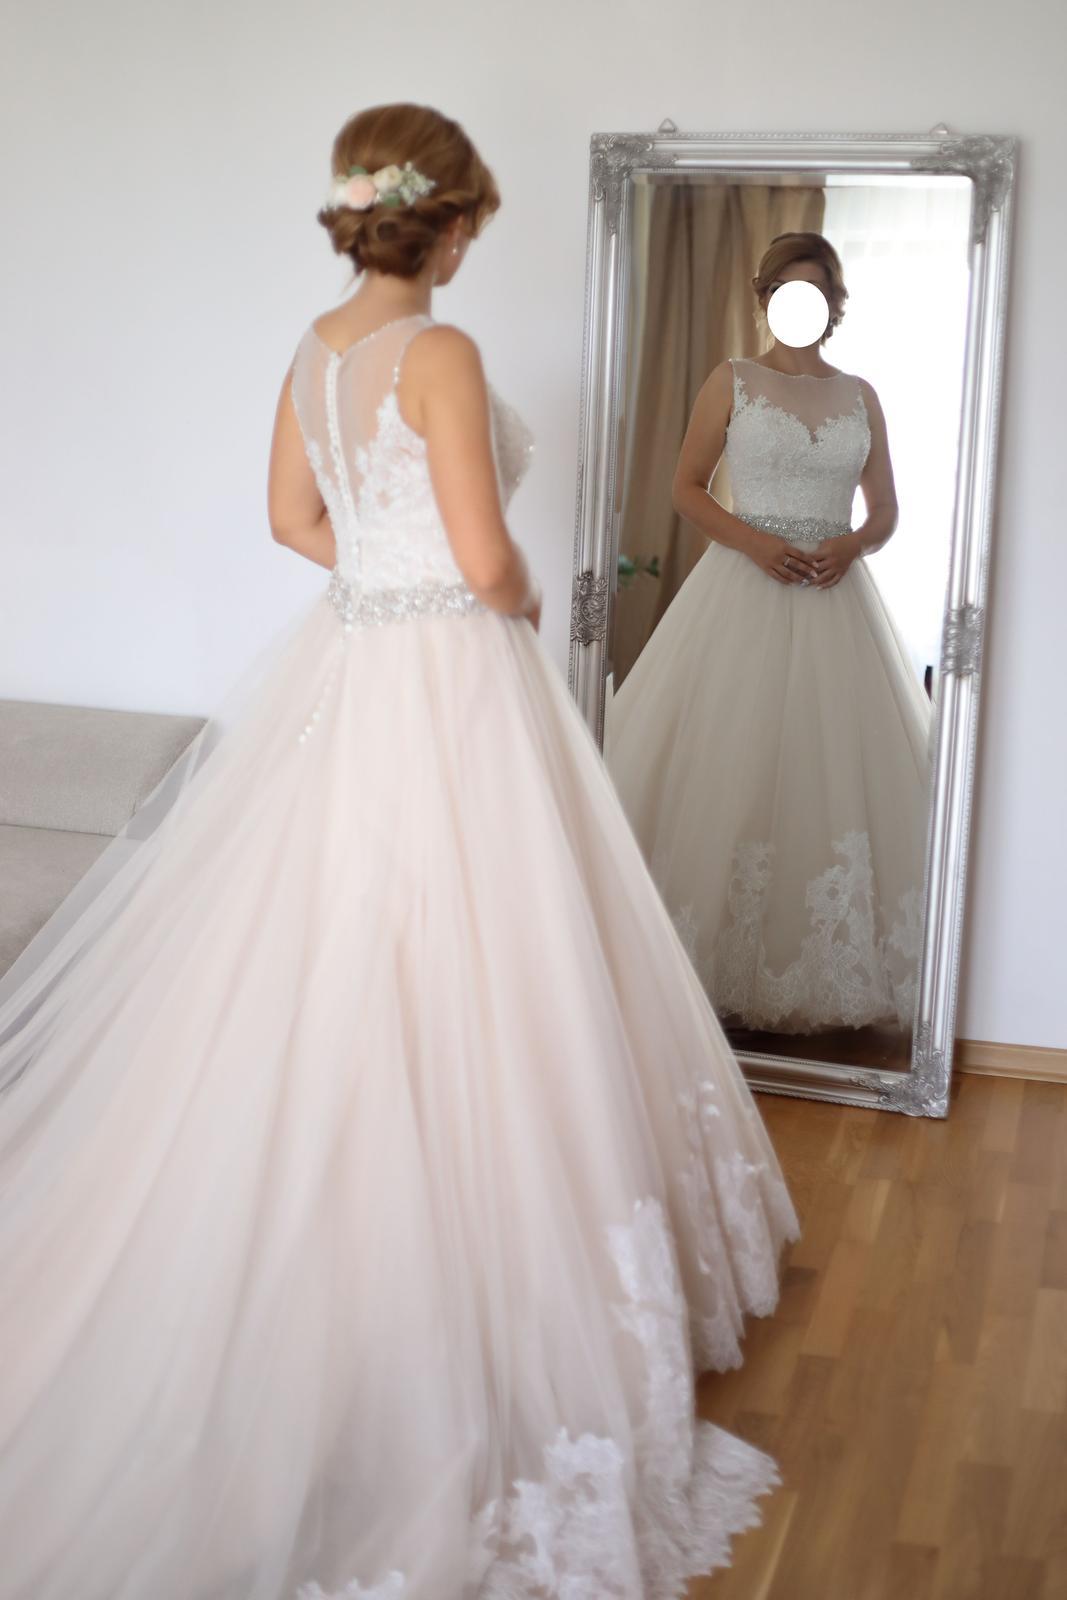 f0565cce9ff0 Svatební šaty pro menši nevesty